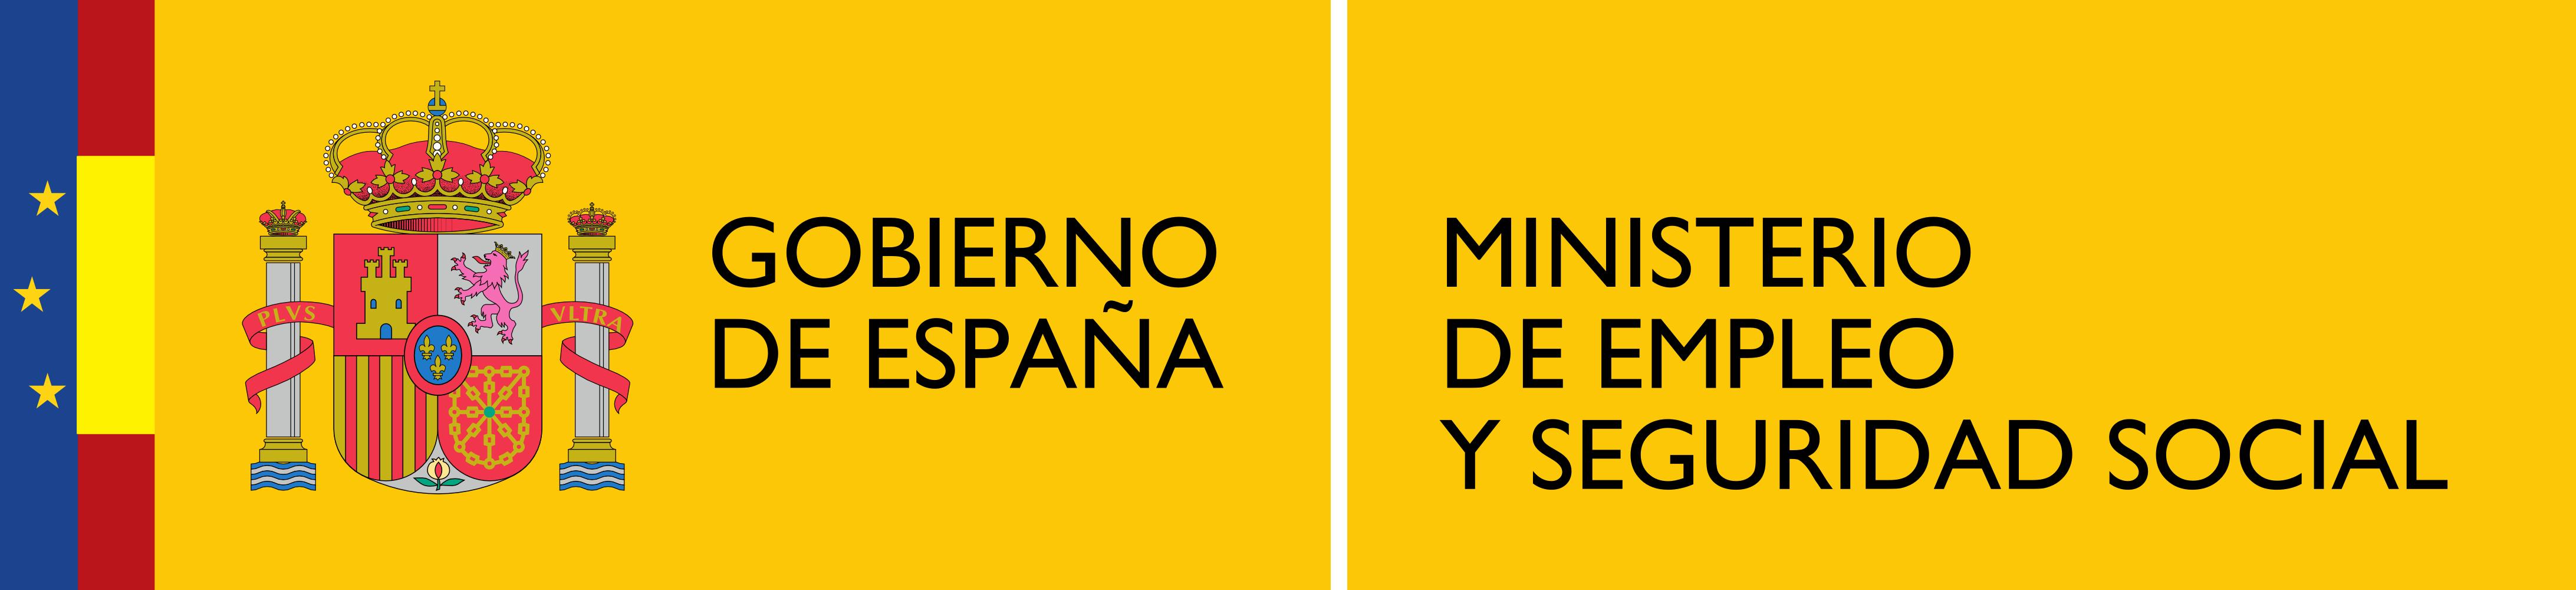 Description Logotipo del Ministerio de Empleo y Seguridad Social.png